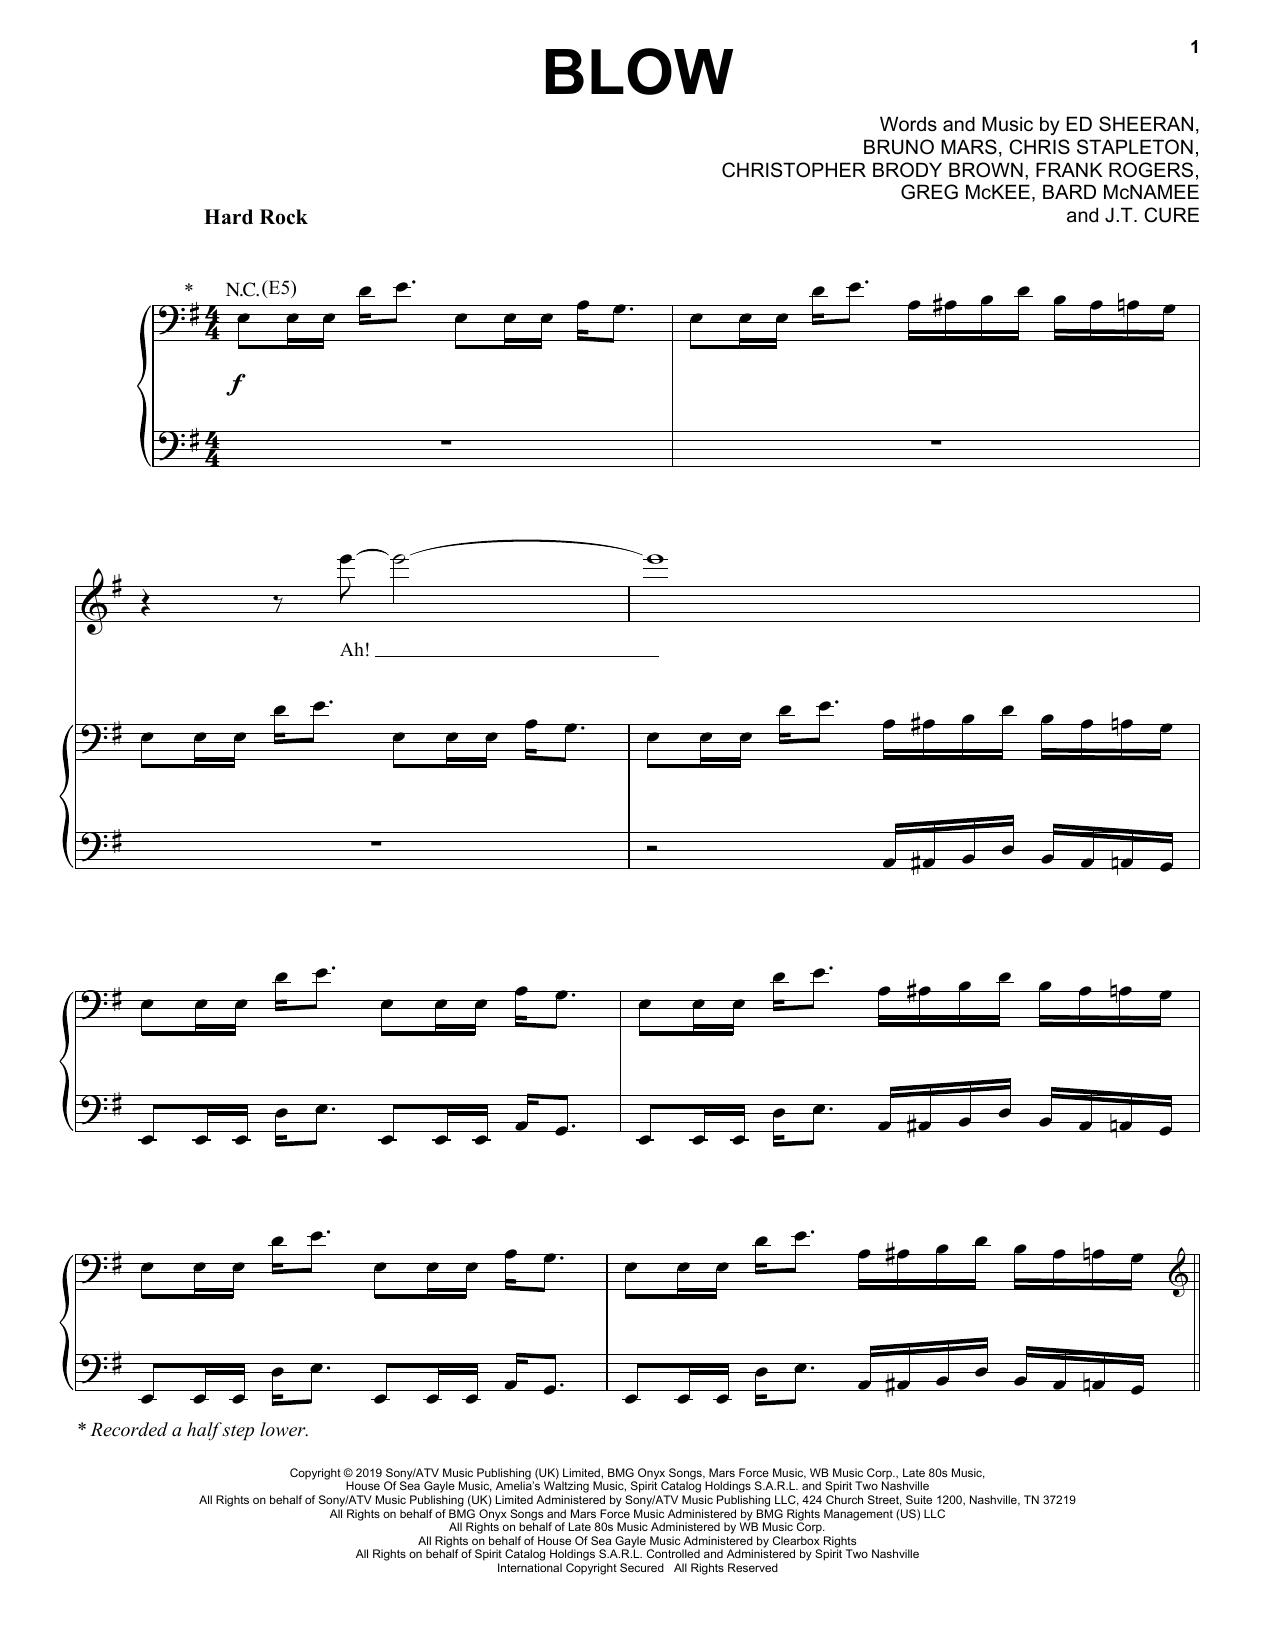 Ed Sheeran, Chris Stapleton & Bruno Mars BLOW sheet music notes and chords. Download Printable PDF.